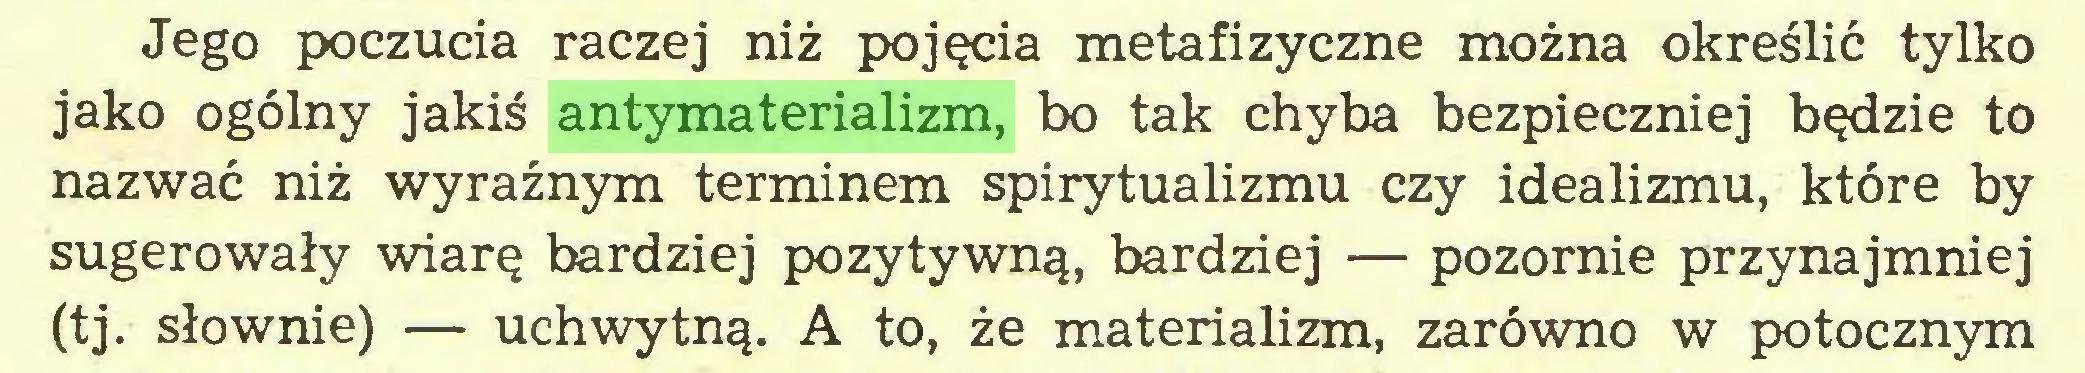 (...) Jego poczucia raczej niż pojęcia metafizyczne można określić tylko jako ogólny jakiś antymaterializm, bo tak chyba bezpieczniej będzie to nazwać niż wyraźnym terminem spirytualizmu czy idealizmu, które by sugerowały wiarę bardziej pozytywną, bardziej — pozornie przynajmniej (tj. słownie) — uchwytną. A to, że materializm, zarówno w potocznym...